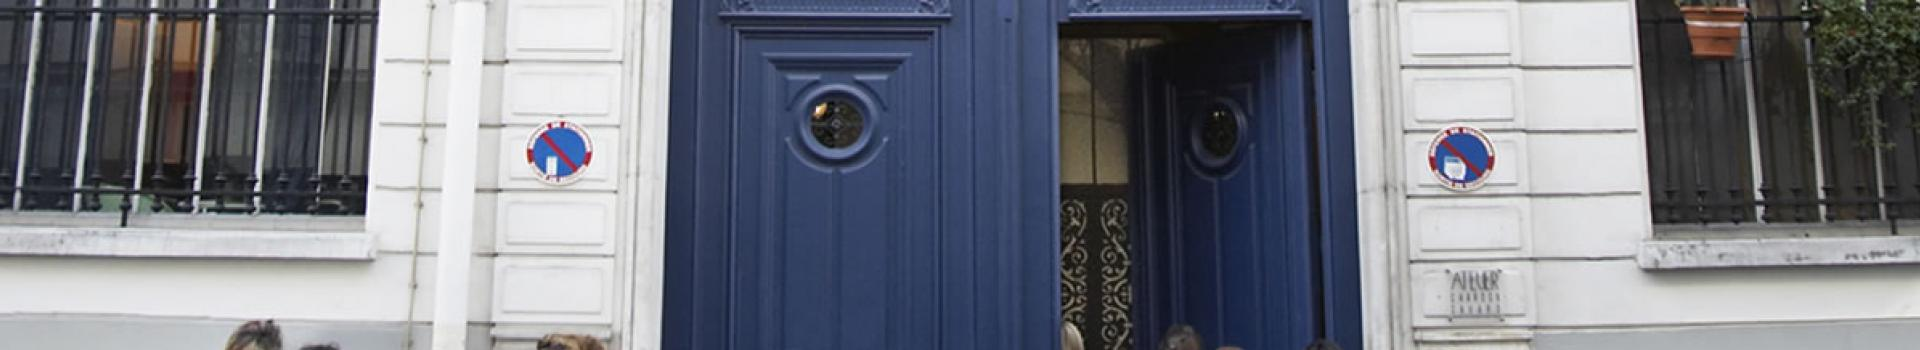 Ecole stylisme Paris